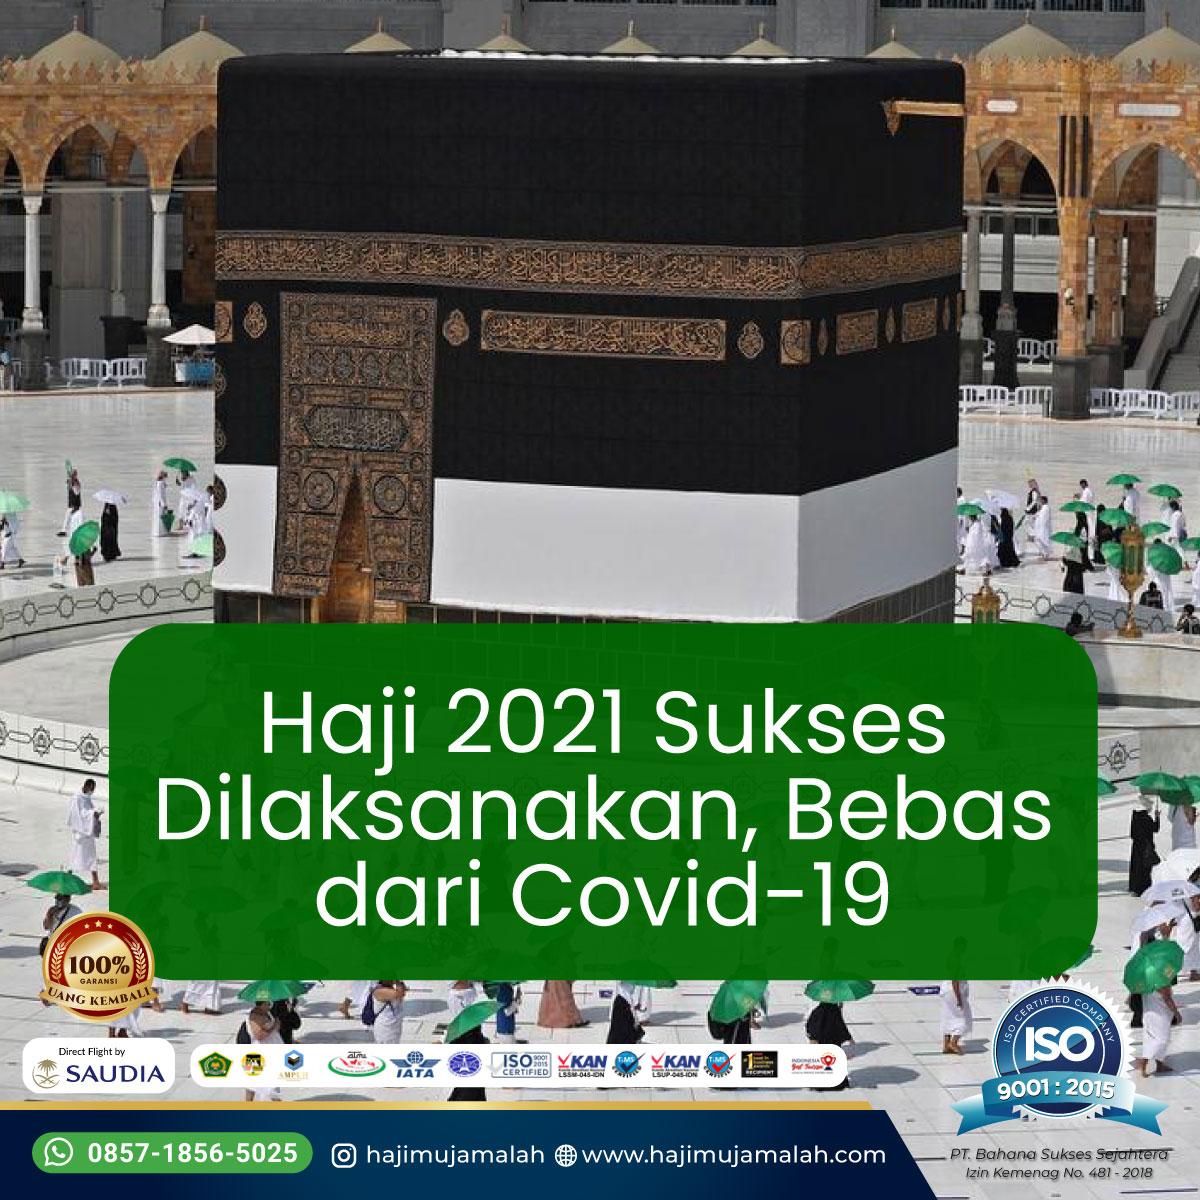 Haji 2021 Sukses Dilaksanakan, Bebas dari Covid-19